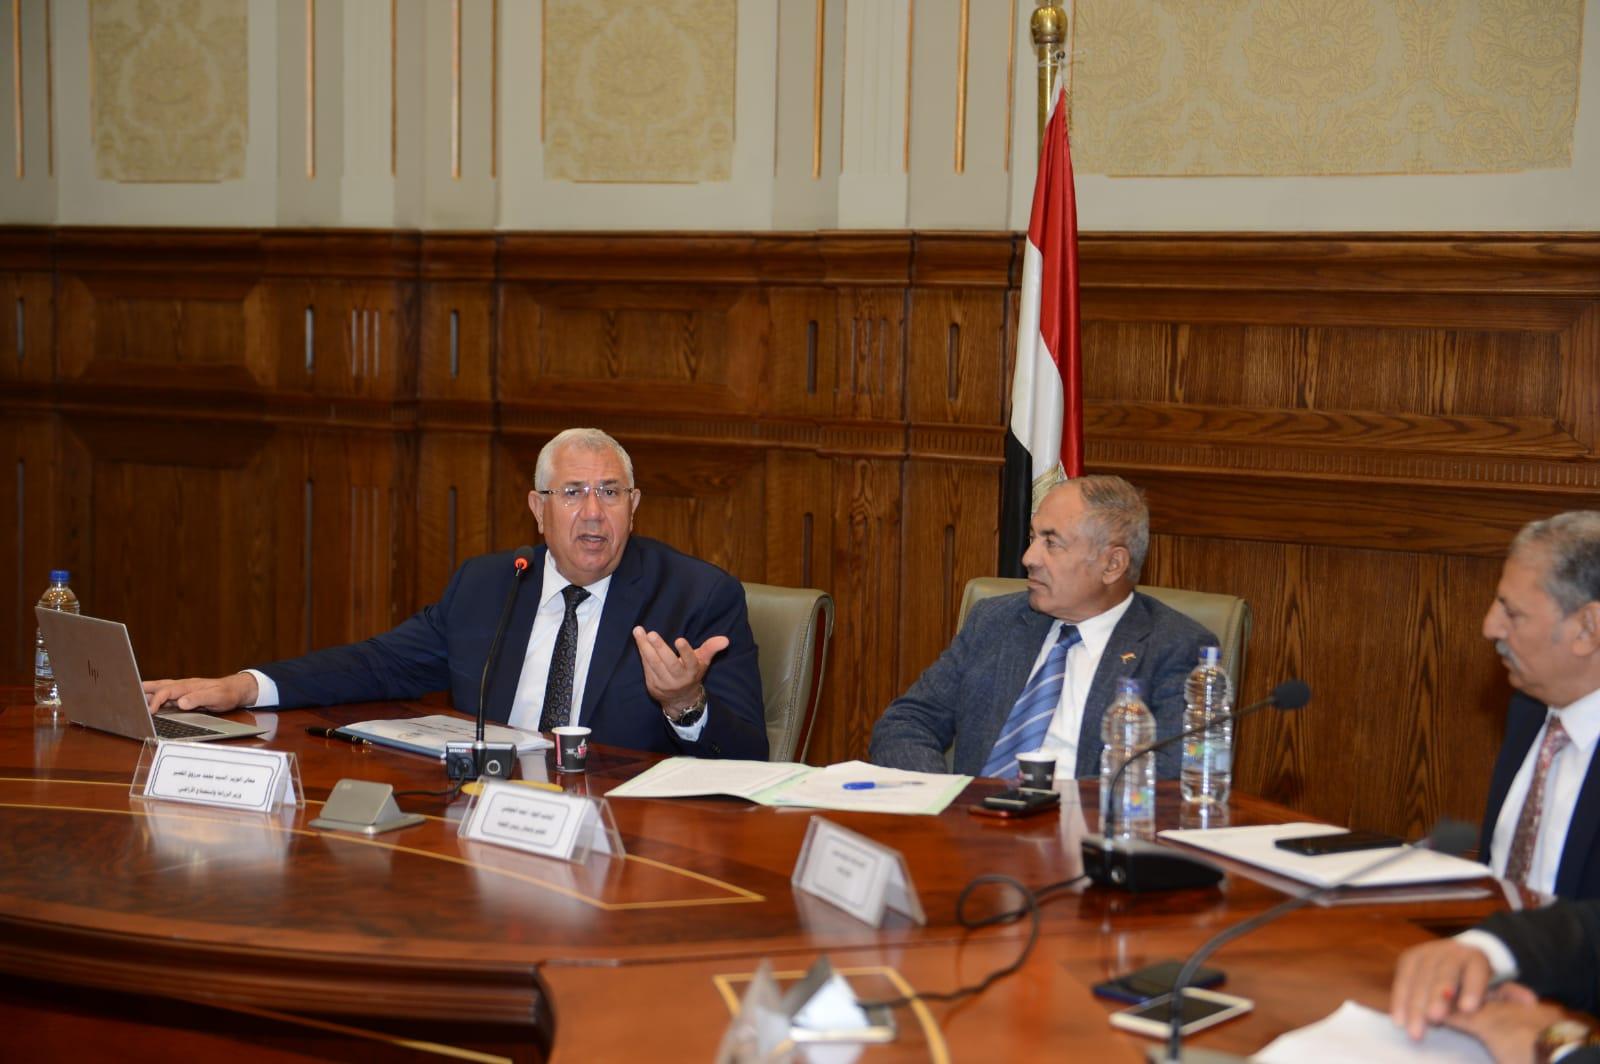 اجتماع لجنة الدفاع والأمن القومي بمجلس النواب